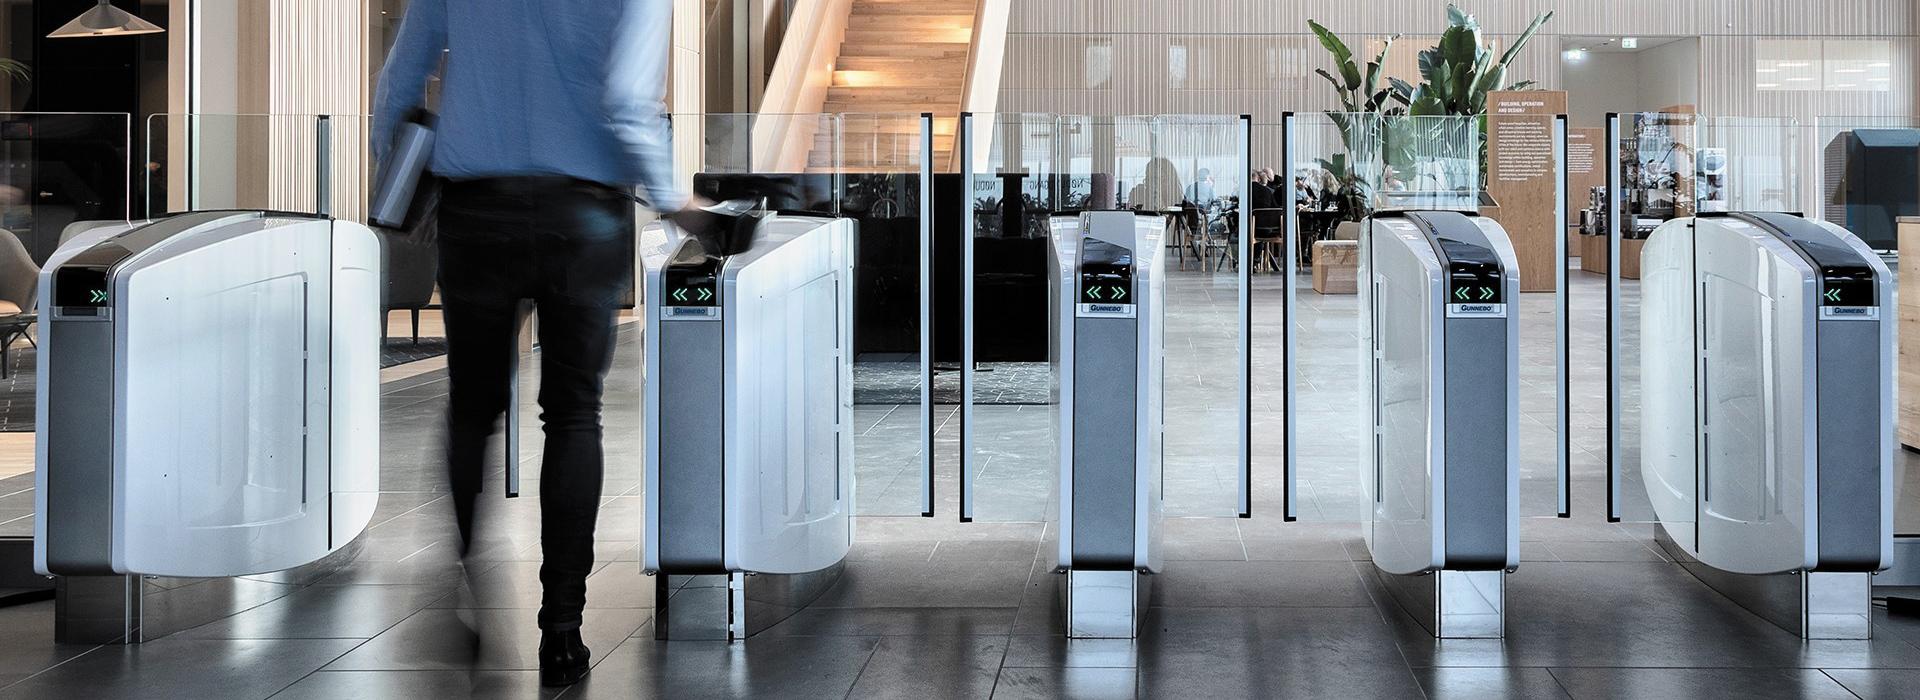 Bramki wejściowe do eleganckich budynków biurowych